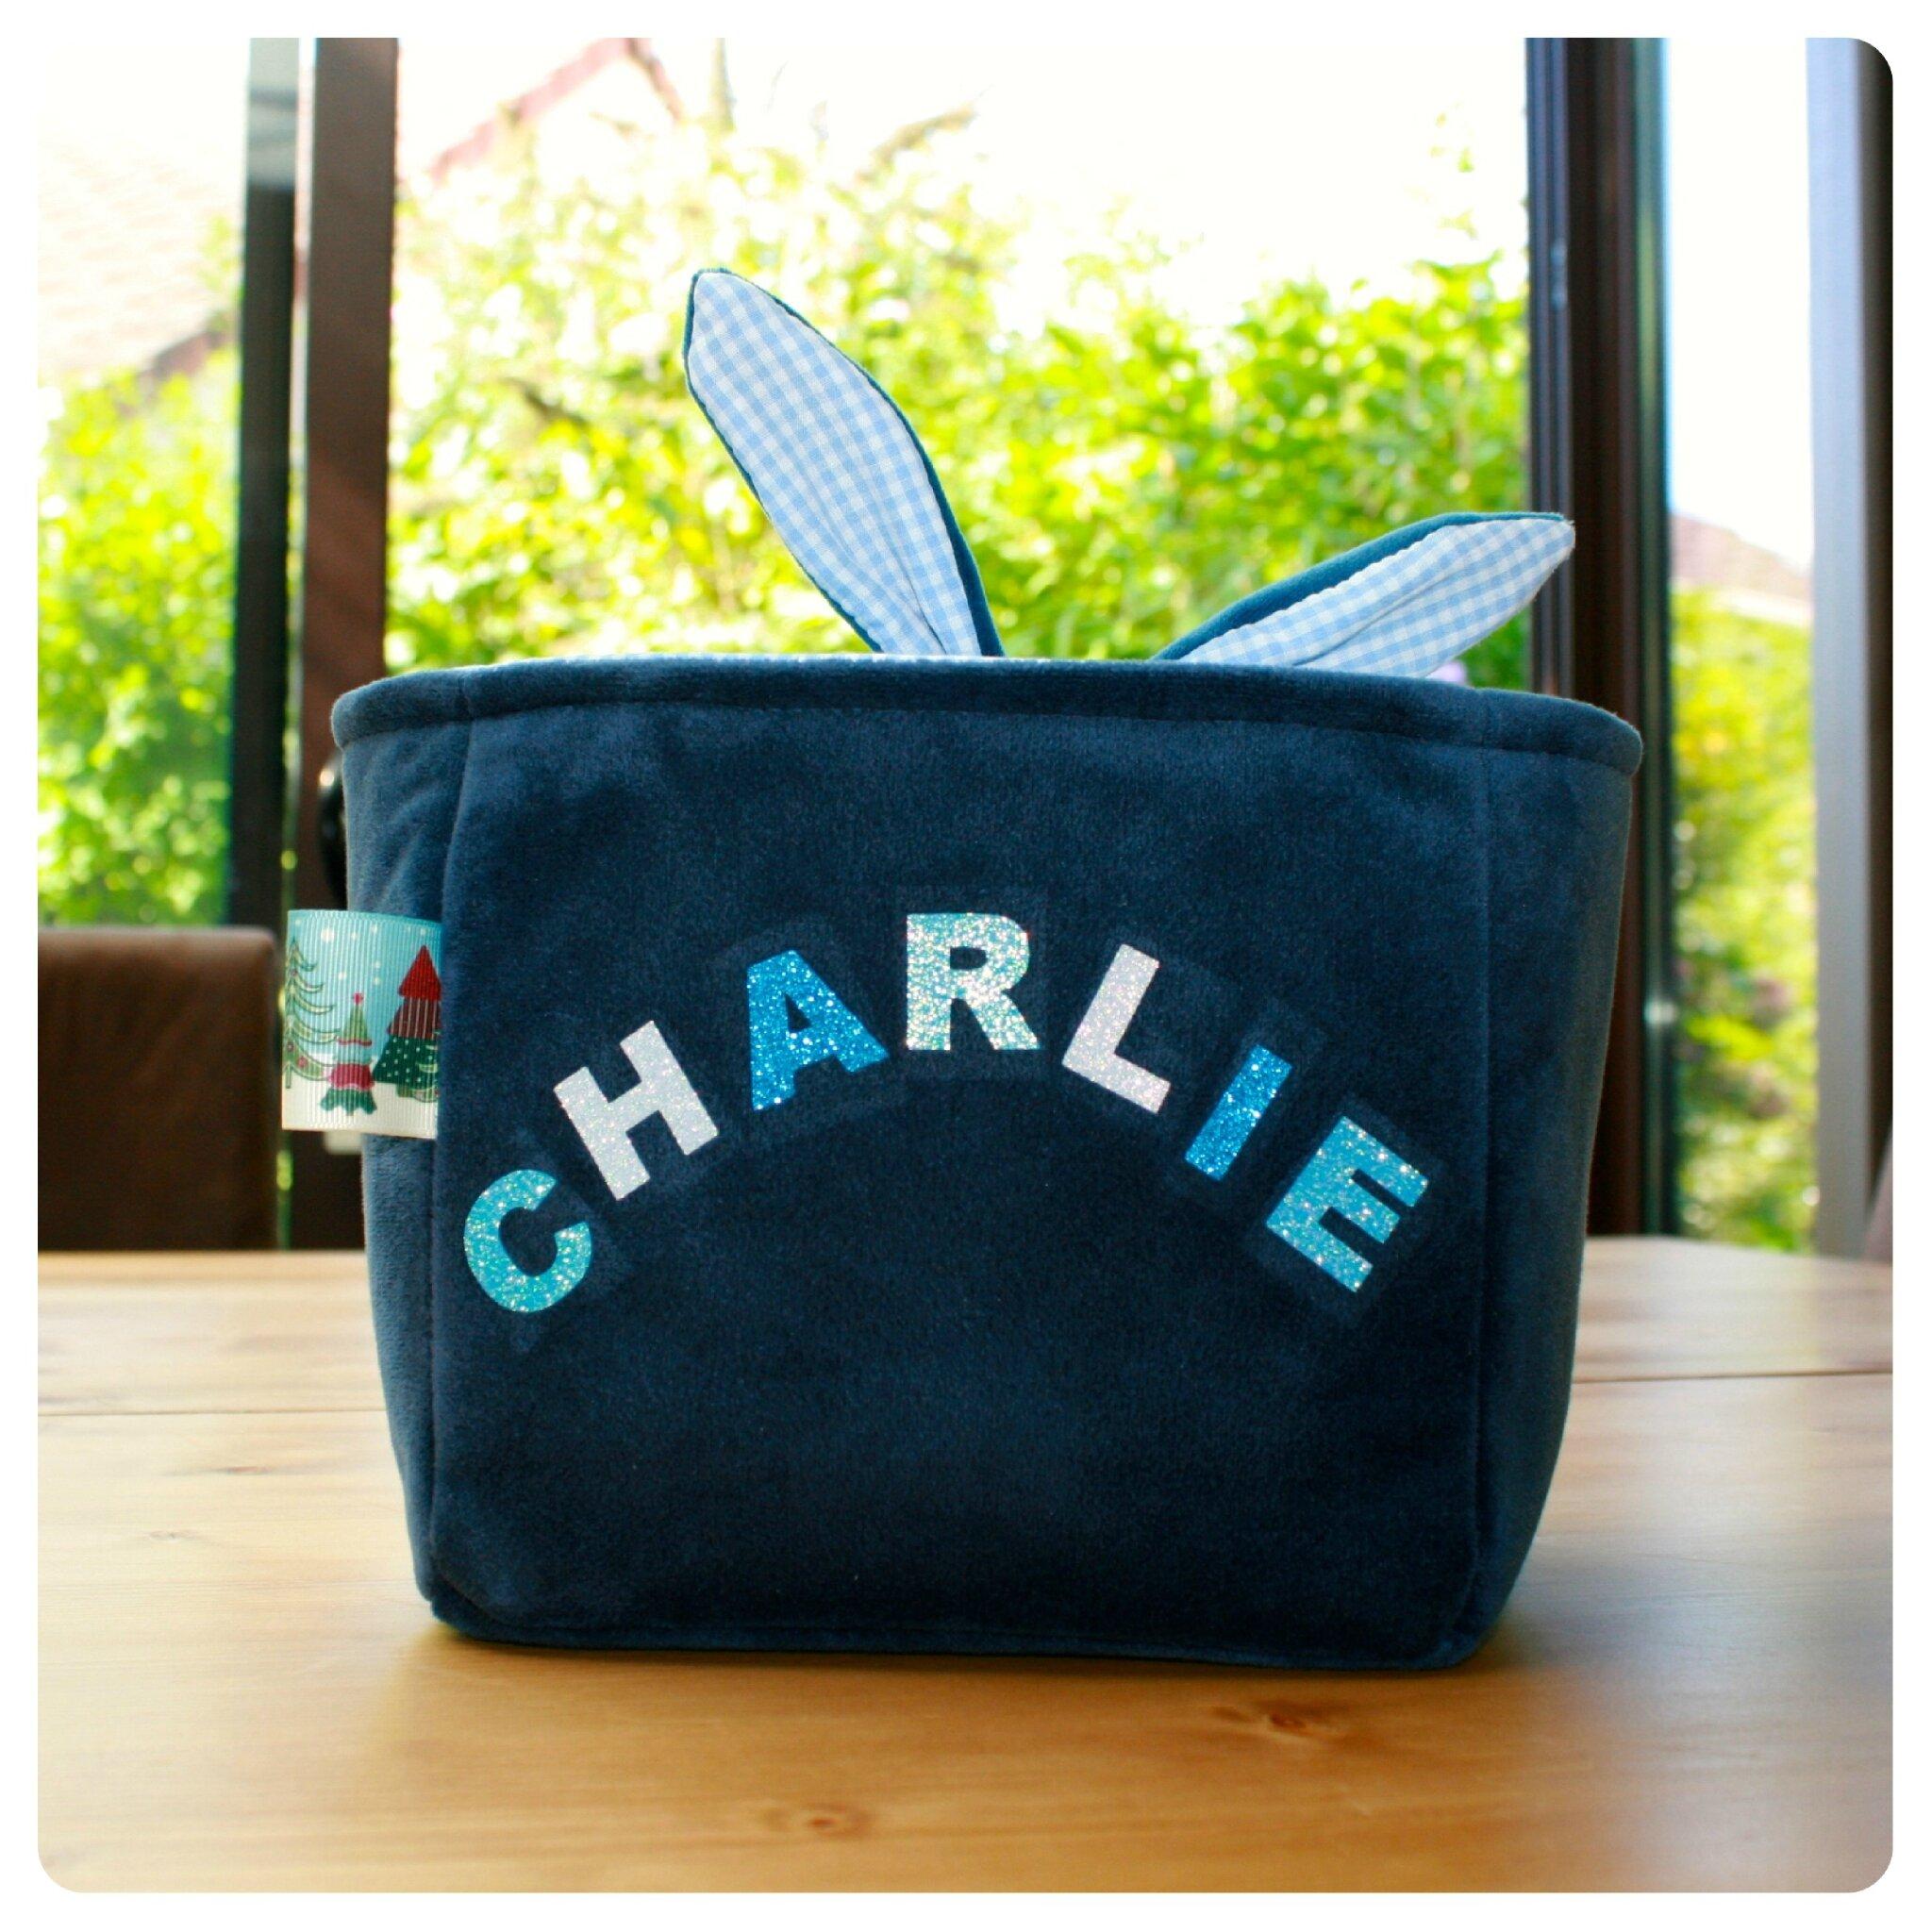 Charlie's box # 1